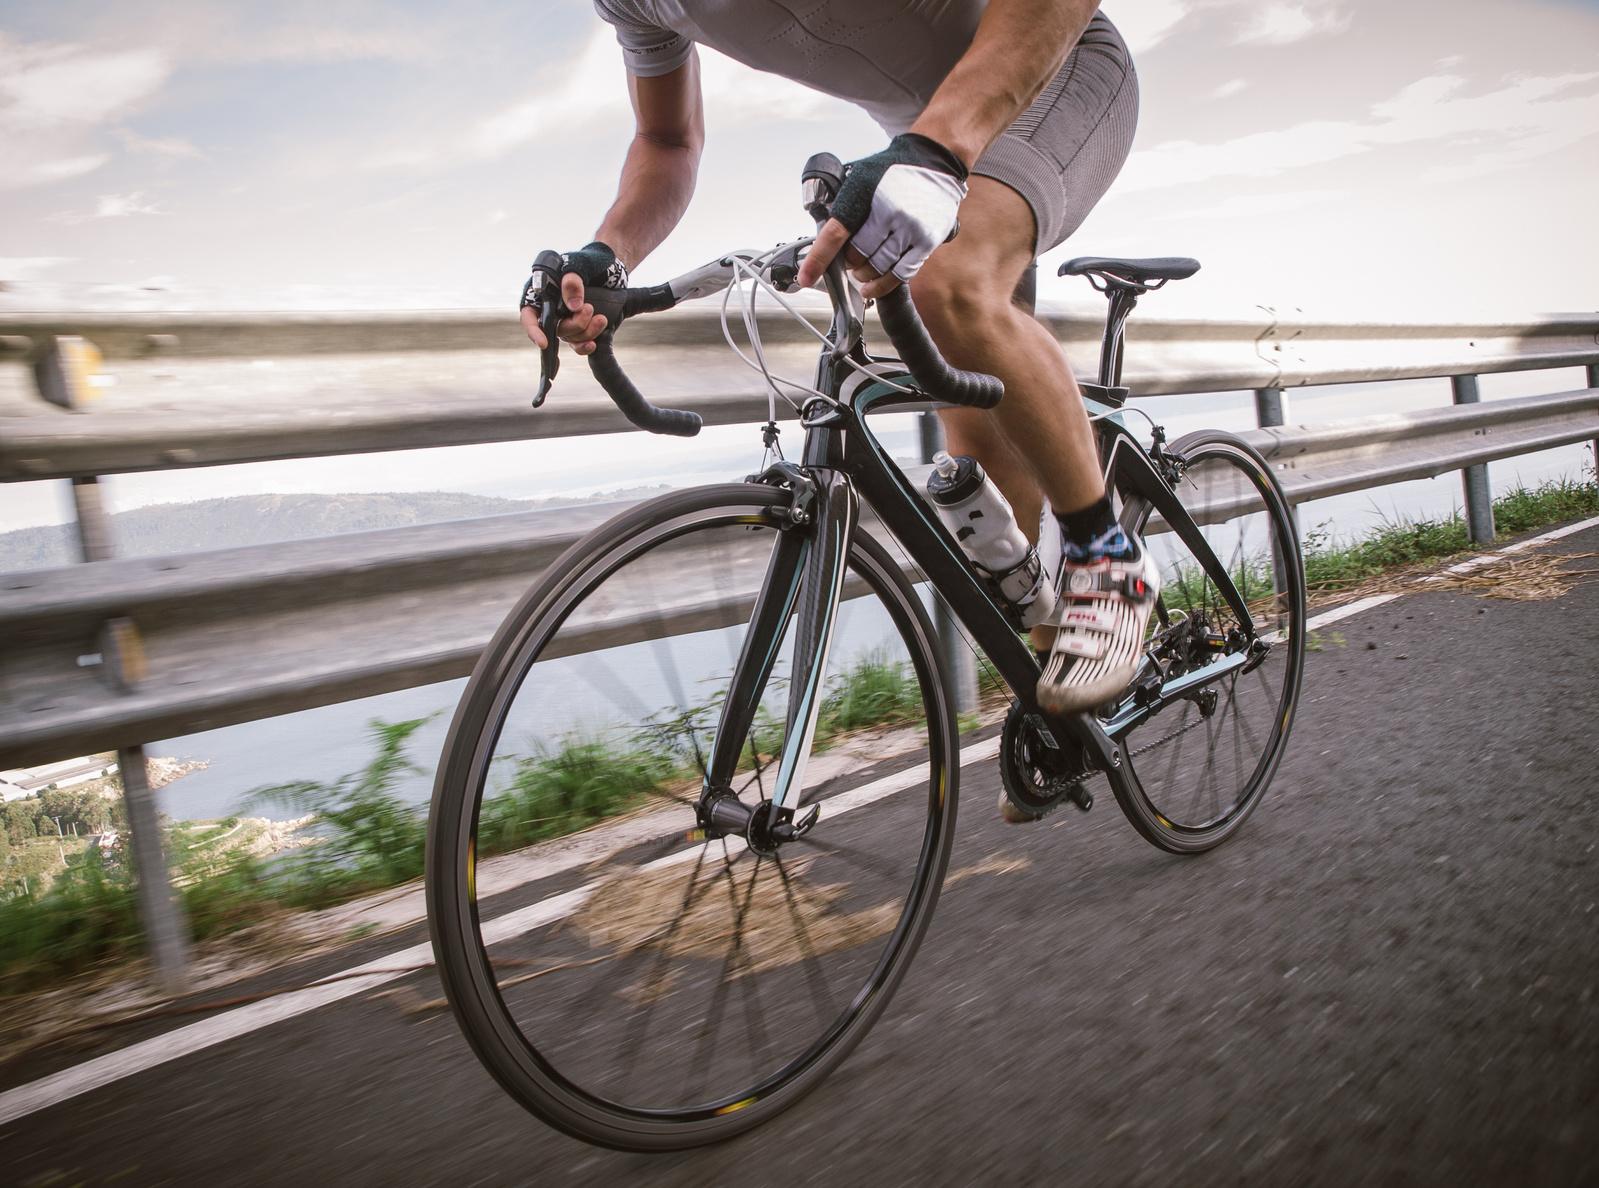 Polkupyörän kausihuolto vain 35€ (arvo 99€)